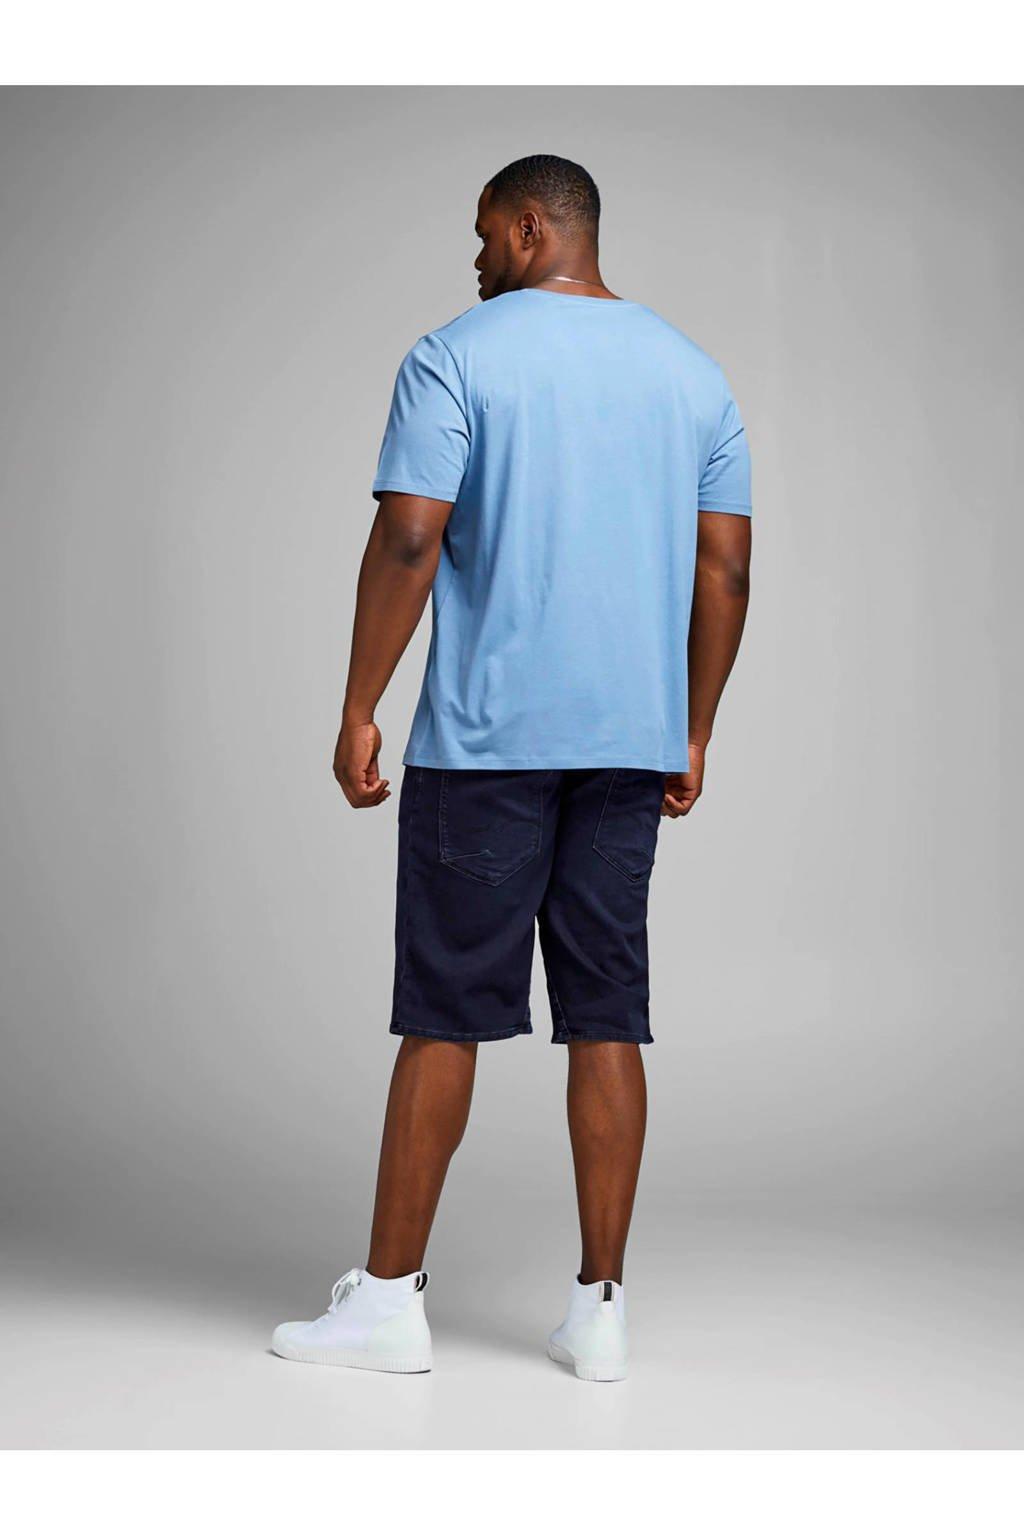 Plus Jeans amp; Bermuda Fit Sizeregular Jones Jack UwCpFq1